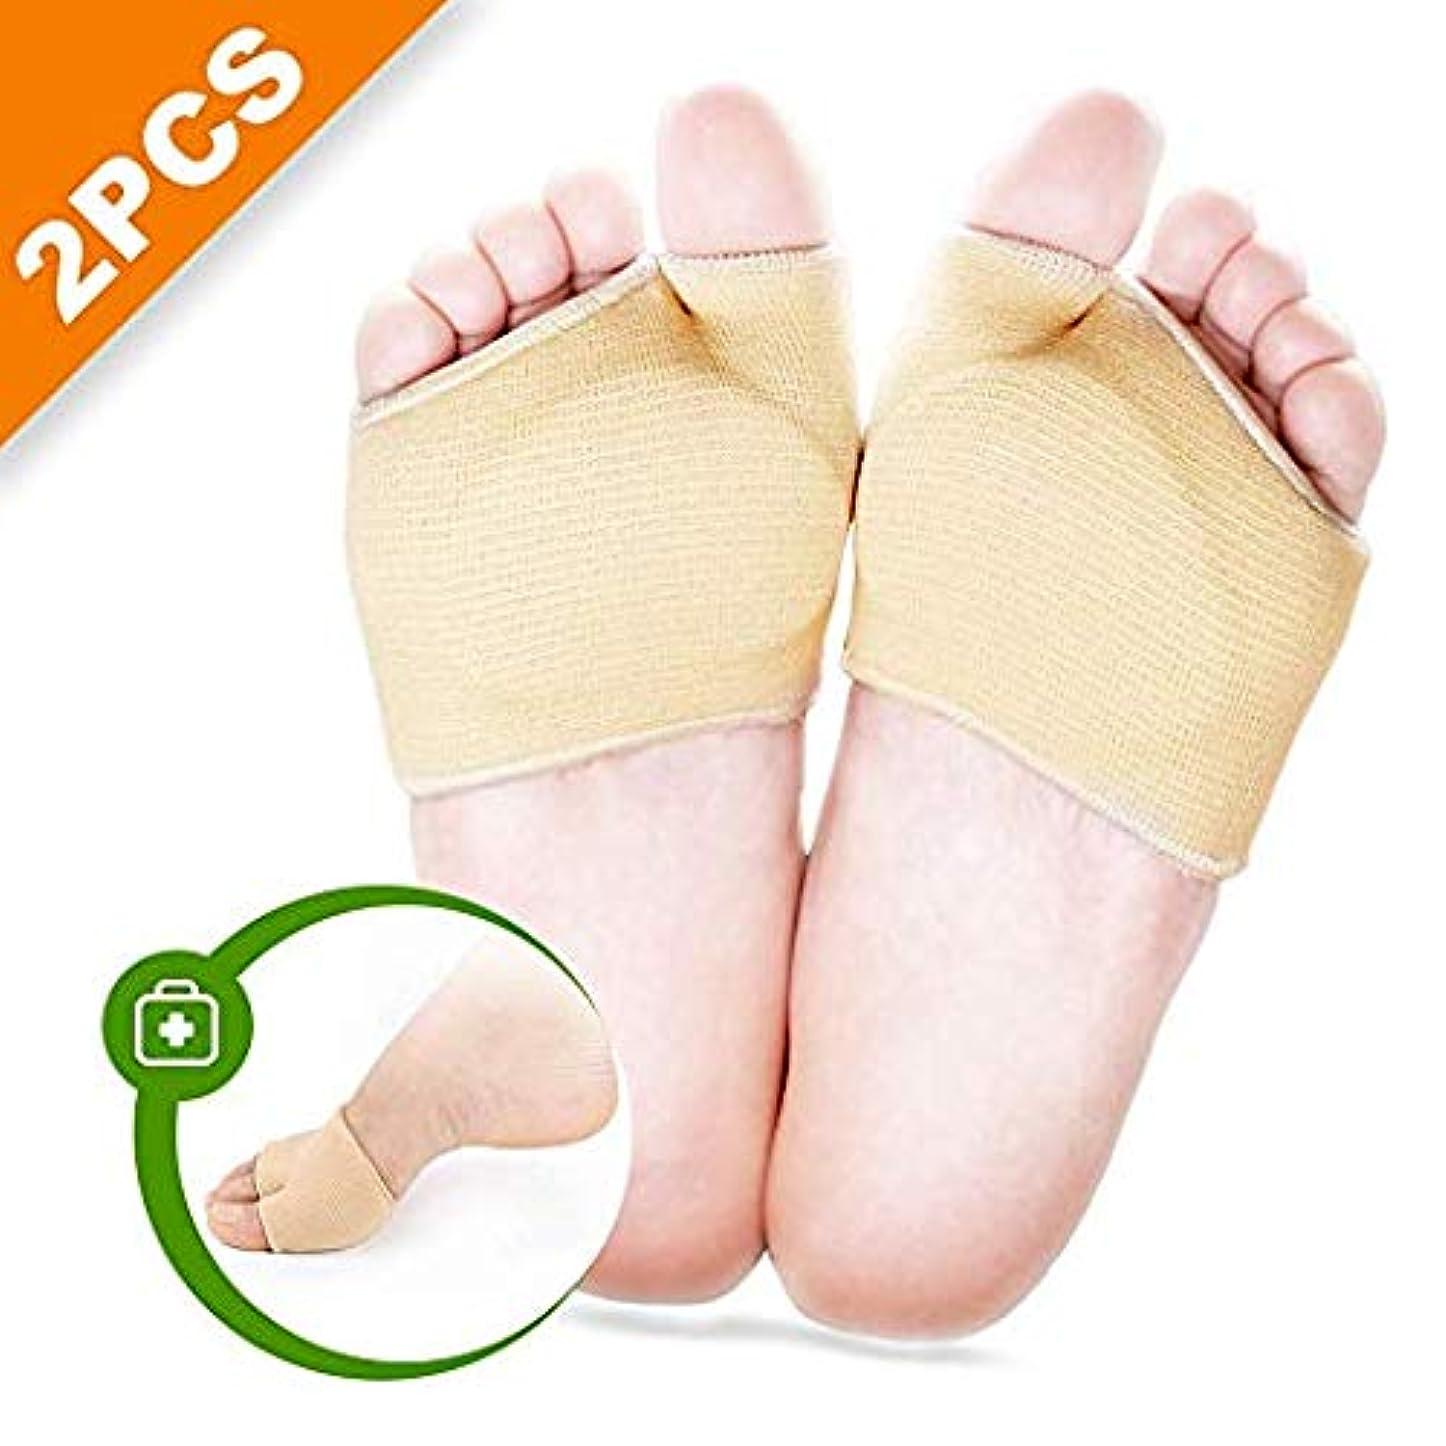 マーベルディスパッチ戦術女性+男性用の銅圧縮中足パッド。 神経腫、中足骨嚢炎カルス用の最高の銅製フットパッドボールジェルクッションを保証。